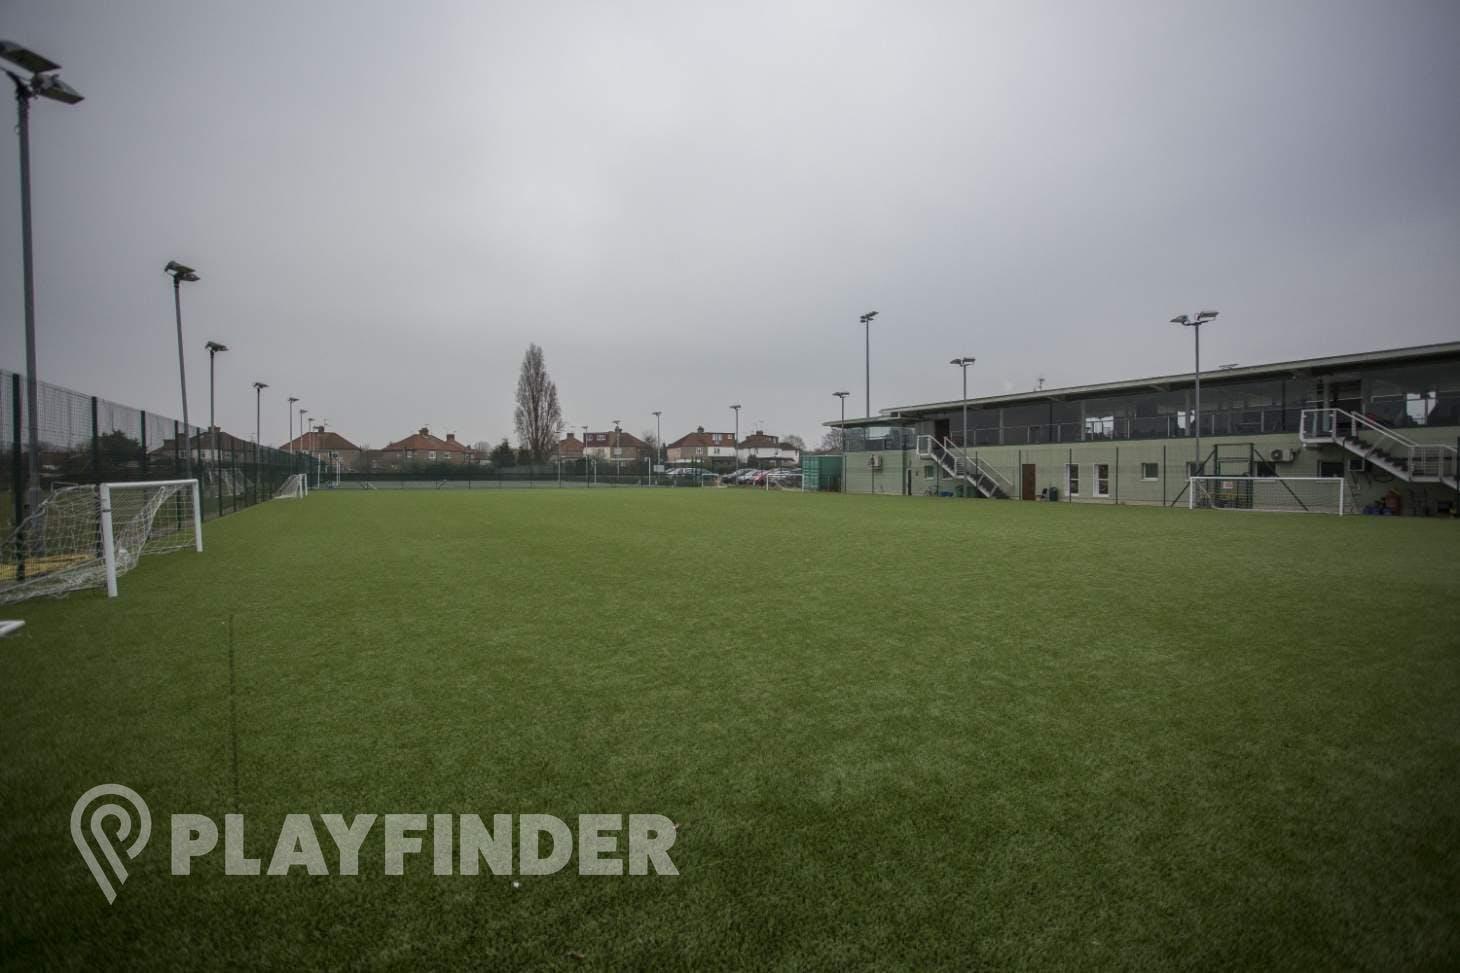 Trailfinders Sports Club 7 a side | 3G Astroturf football pitch